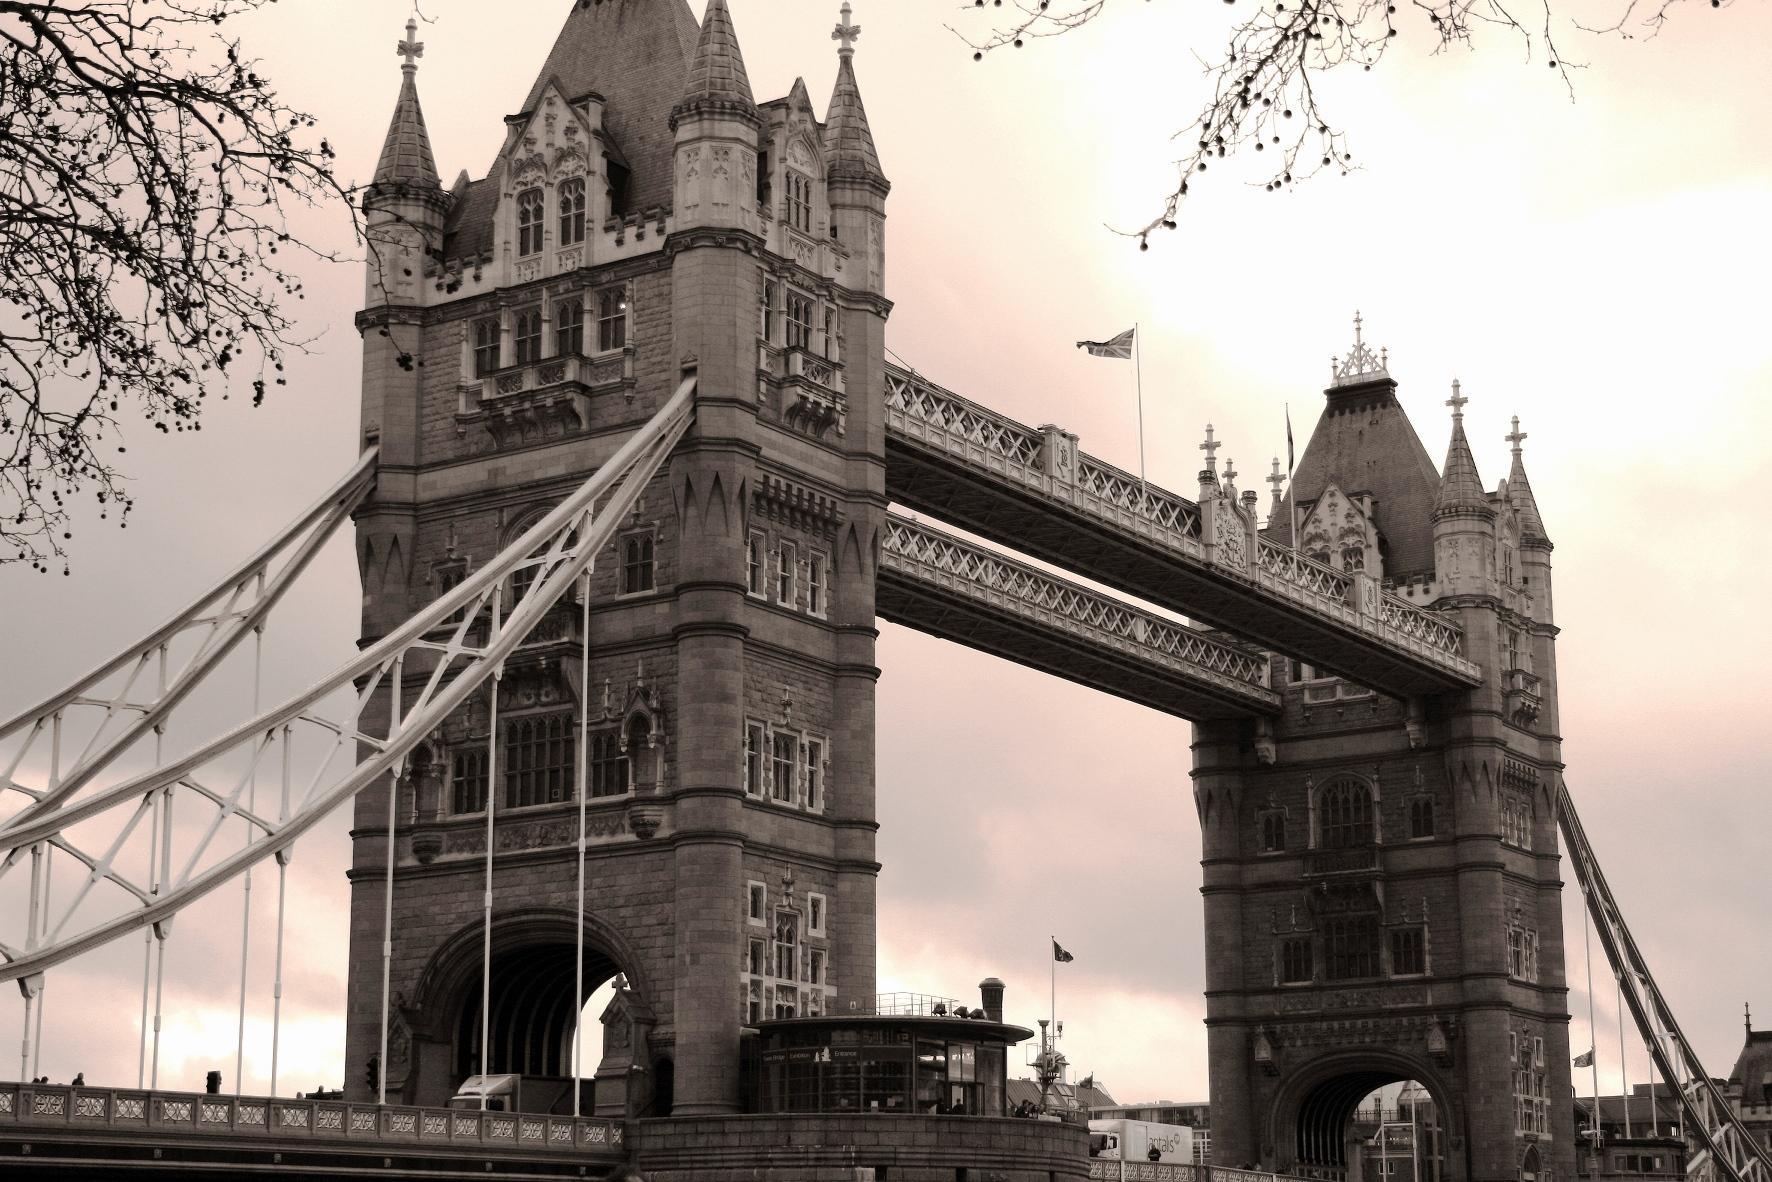 Tower Bridge i London i England